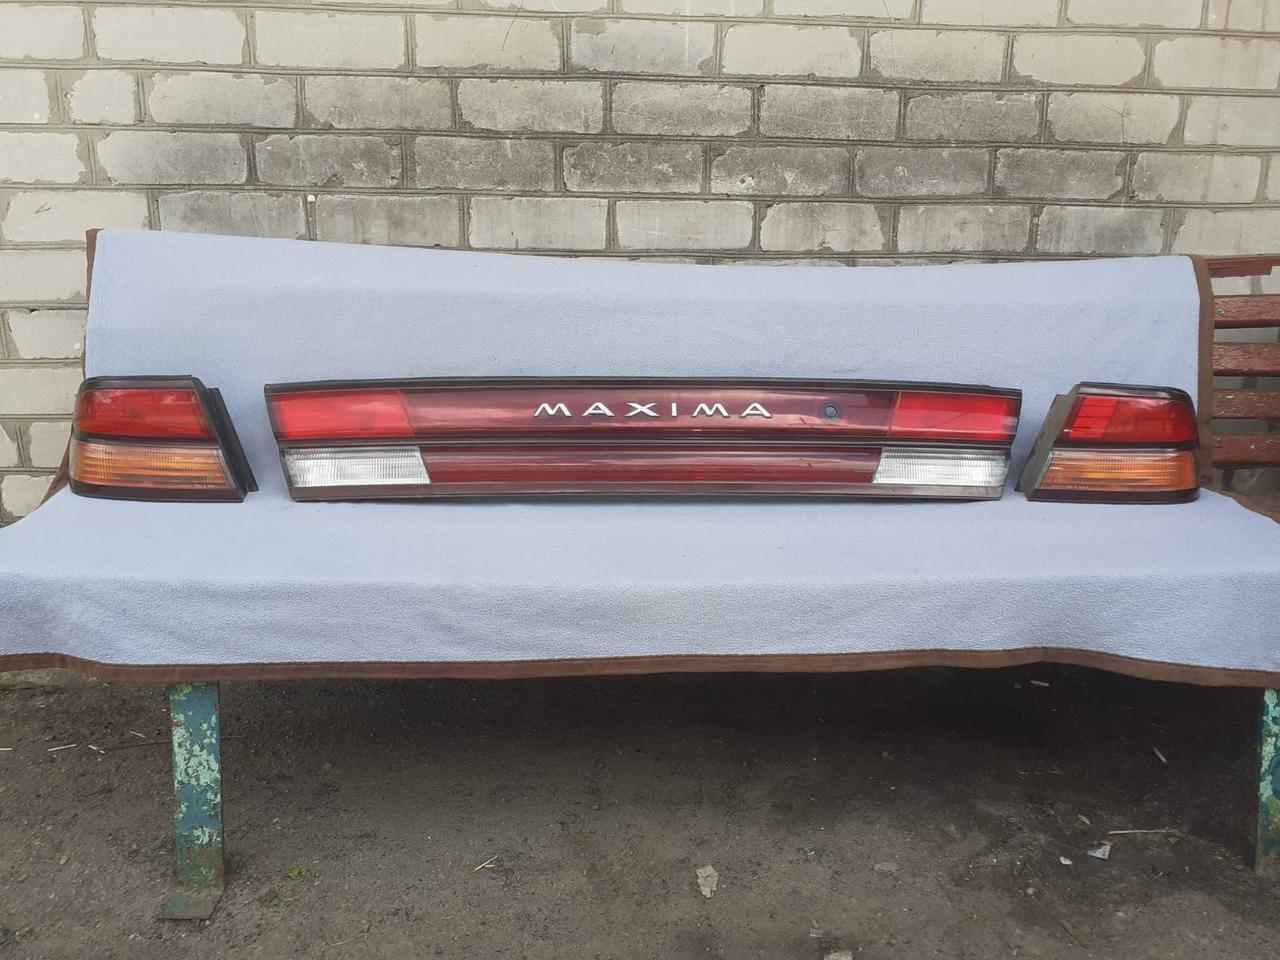 Панель задніх ліхтарів в кришку багажника Nissan Maxima QX32 '97-99